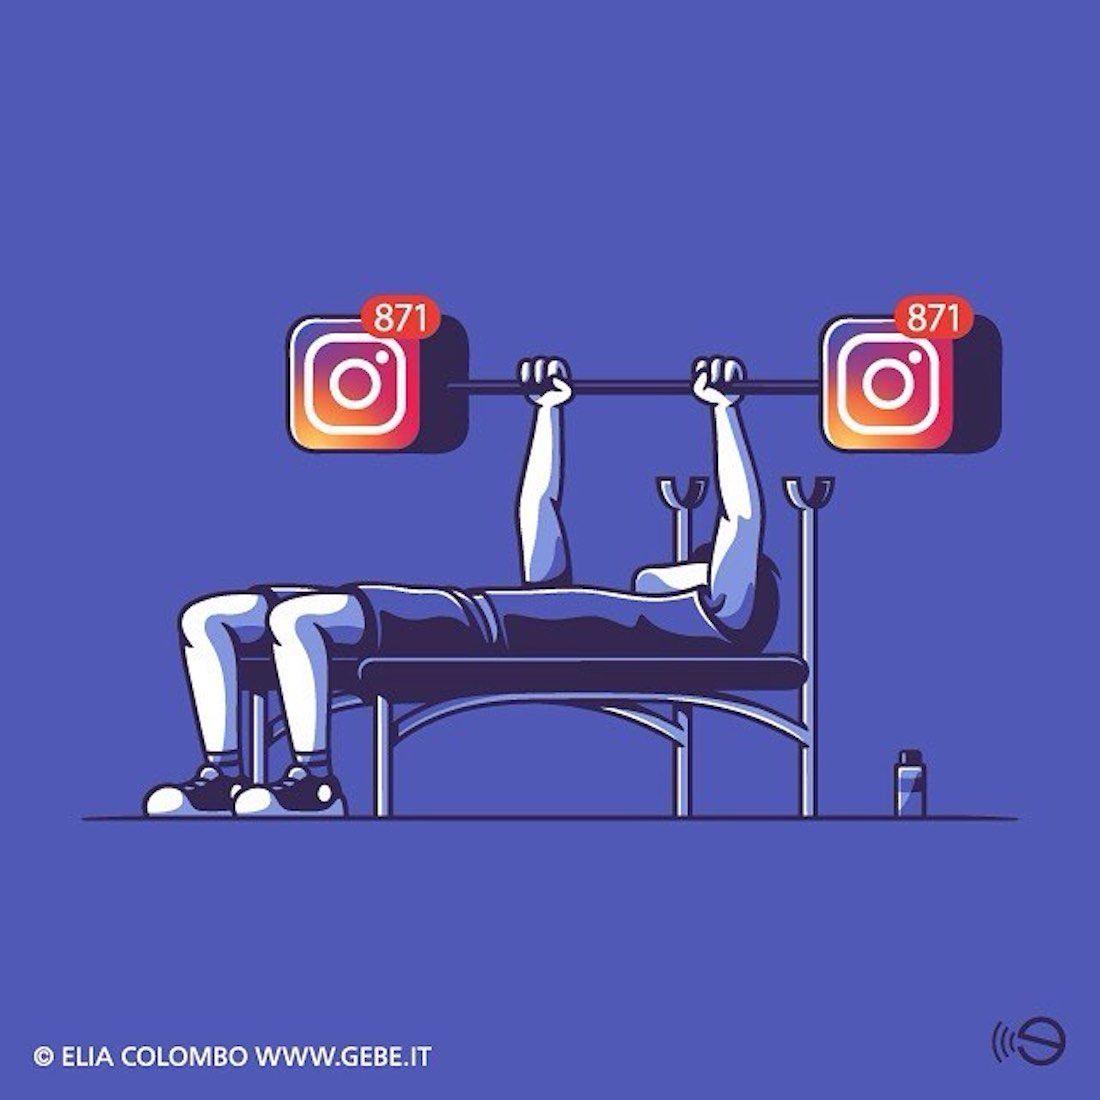 Elia Colombo Элия Коломбо сатирические иллюстрации пороки современности социальная тренировка